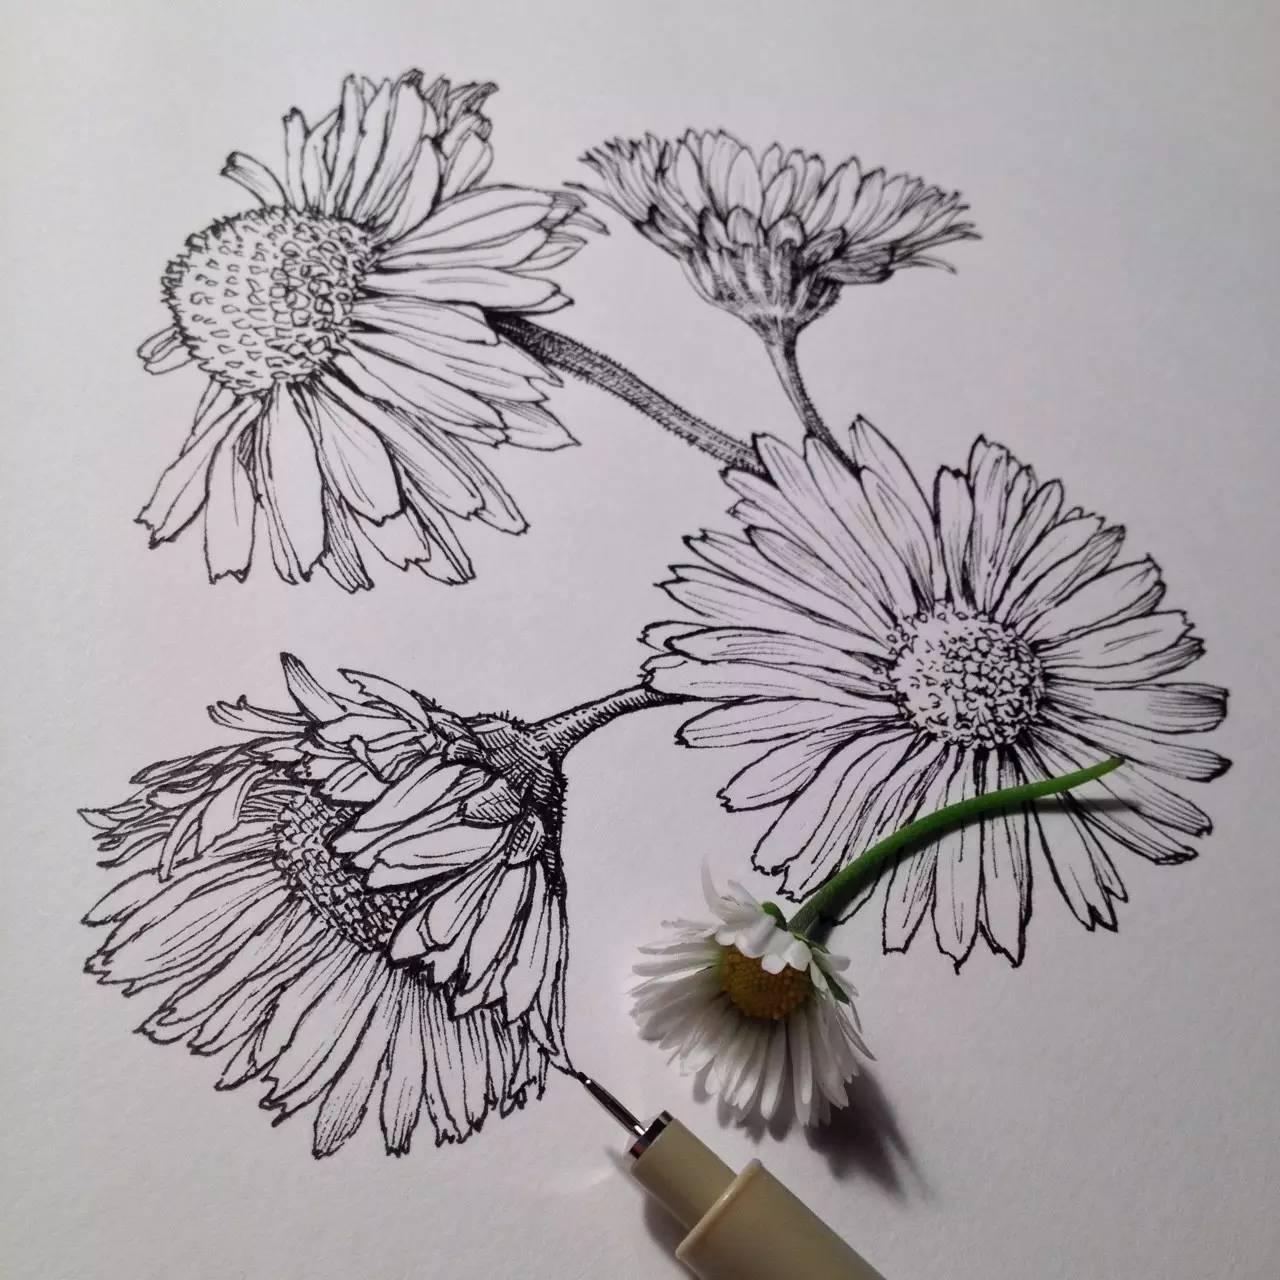 花卉有各种画法,可是要怎样才可以画得美美的?图片